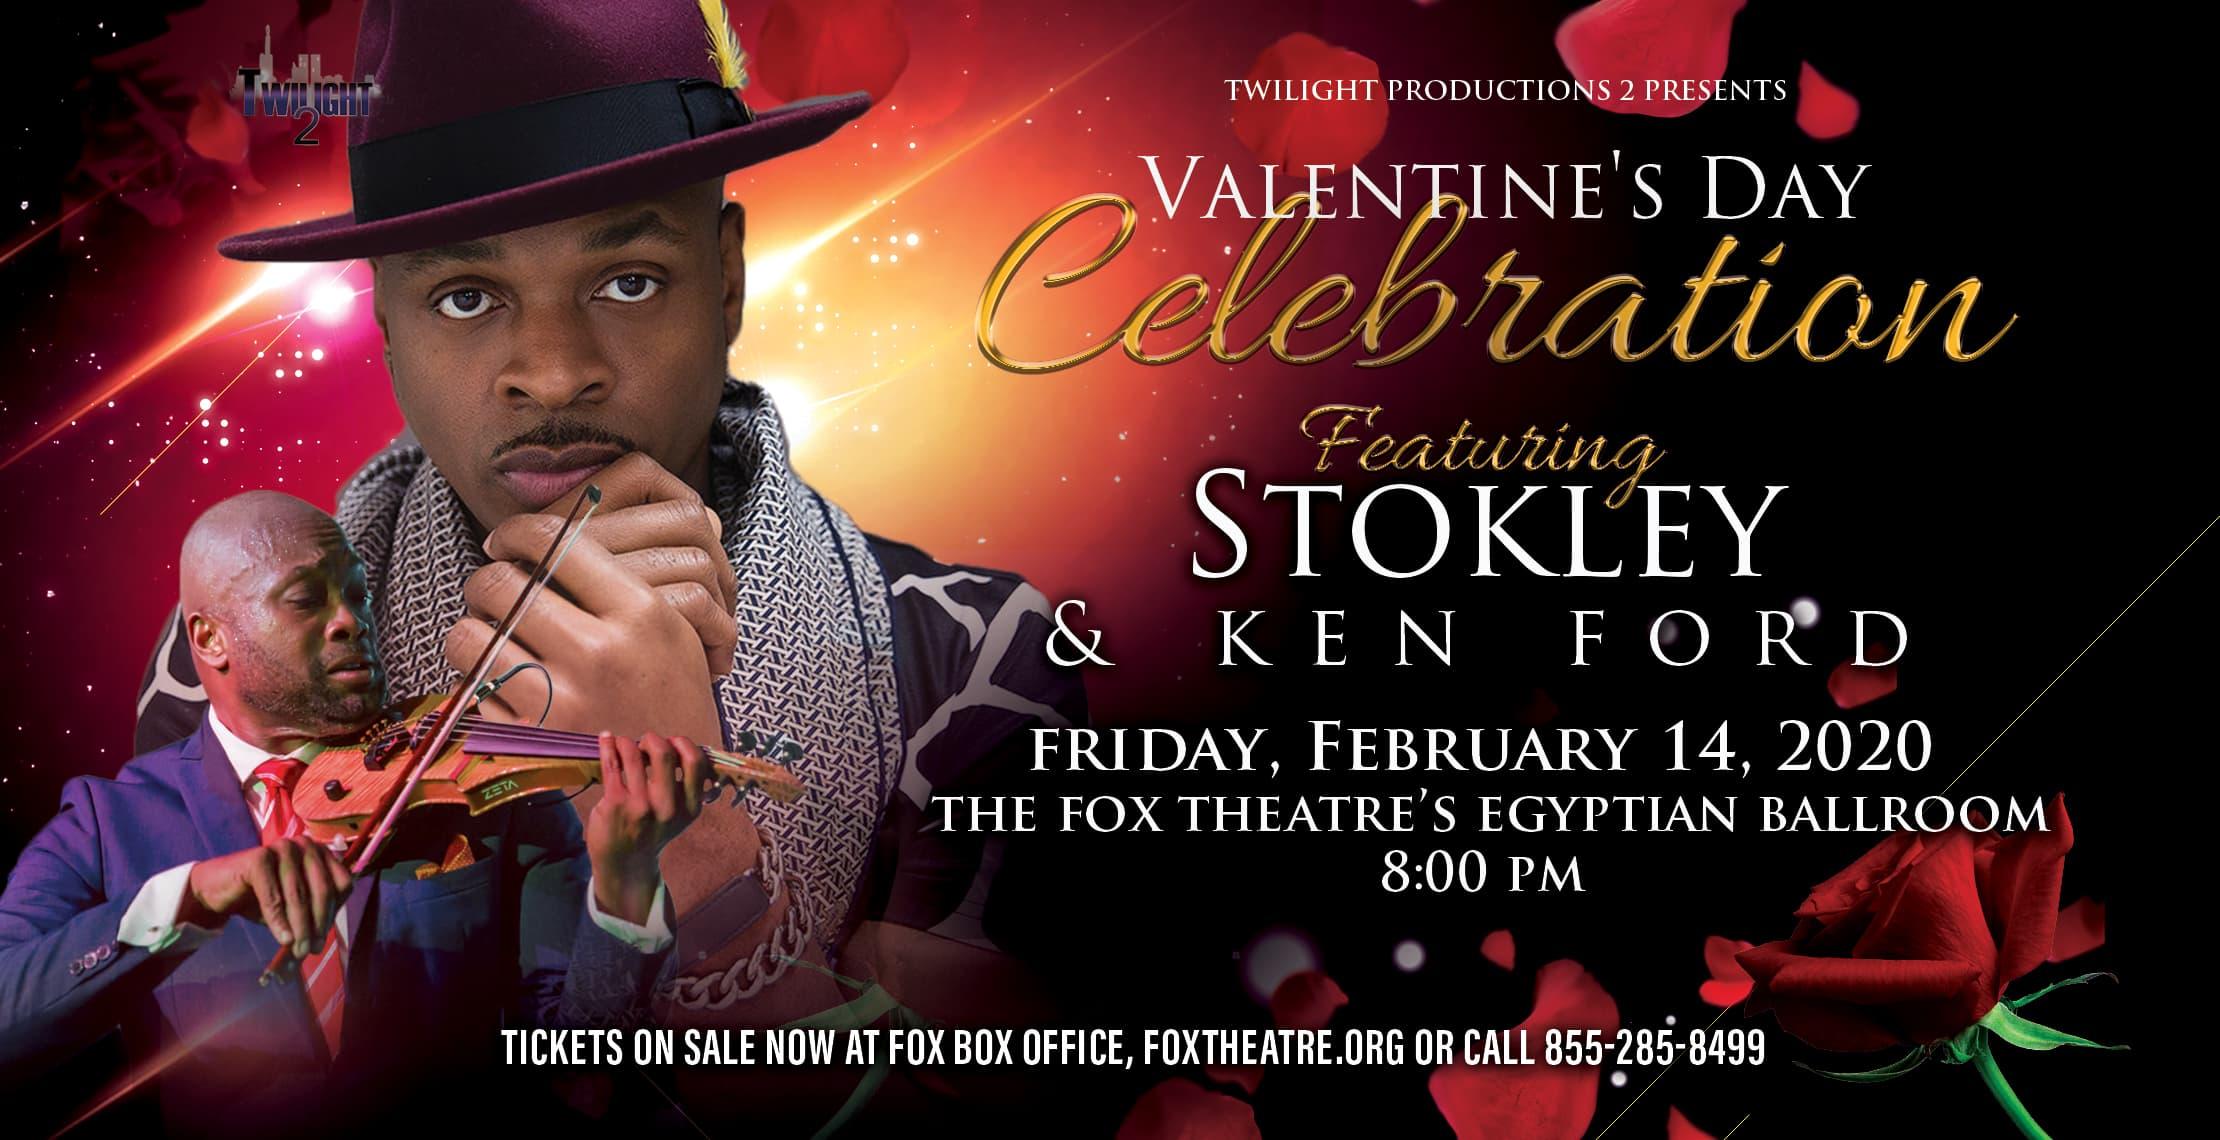 Stokley & Ken Ford Valentine's Day Celebration